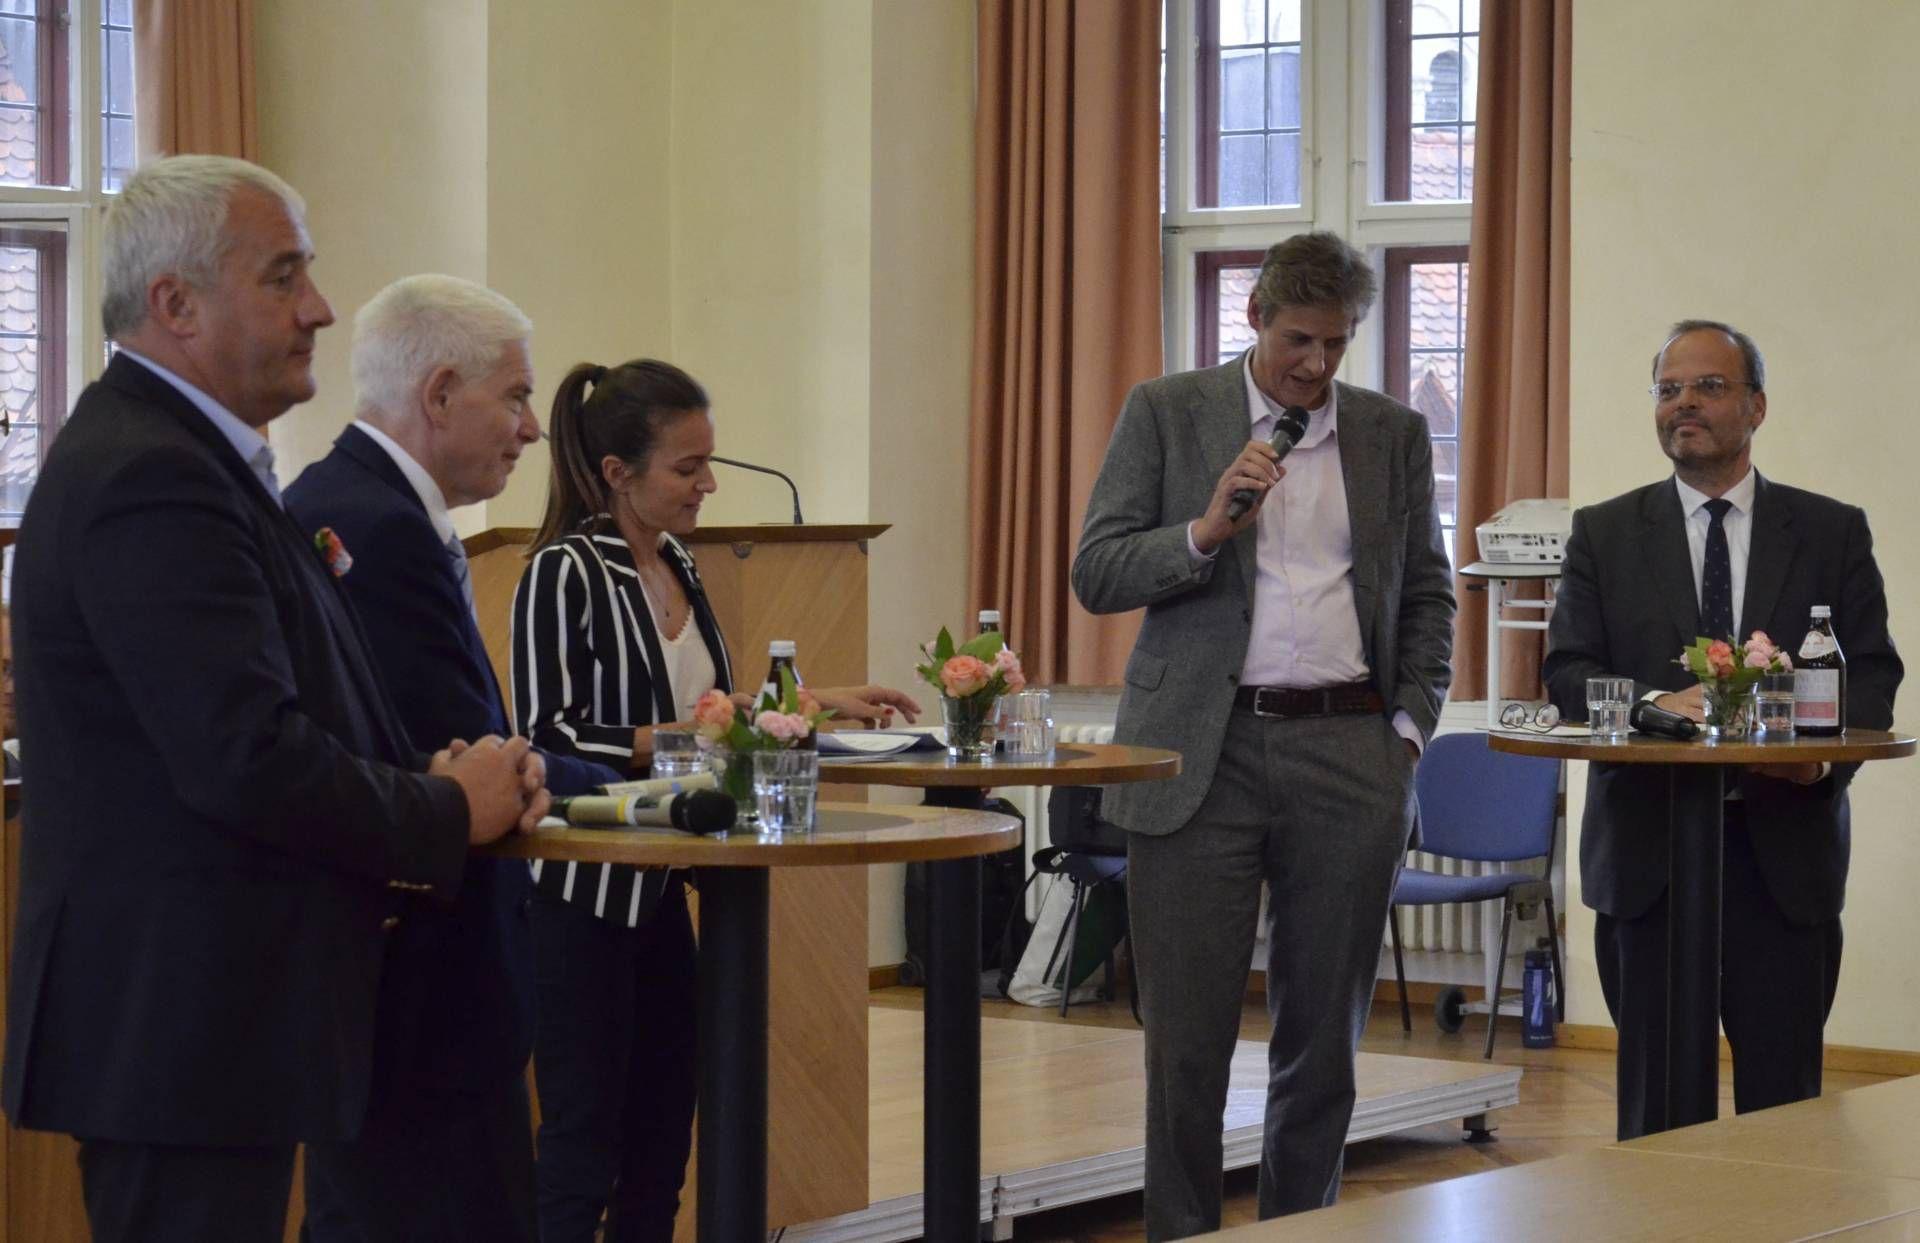 In lebhafter Diskussion über ein ernstes Thema (von links): Ludwig Spaenle, Josef Schuster, Ilanit Spinner, Marcus Funck und Felix Klein.